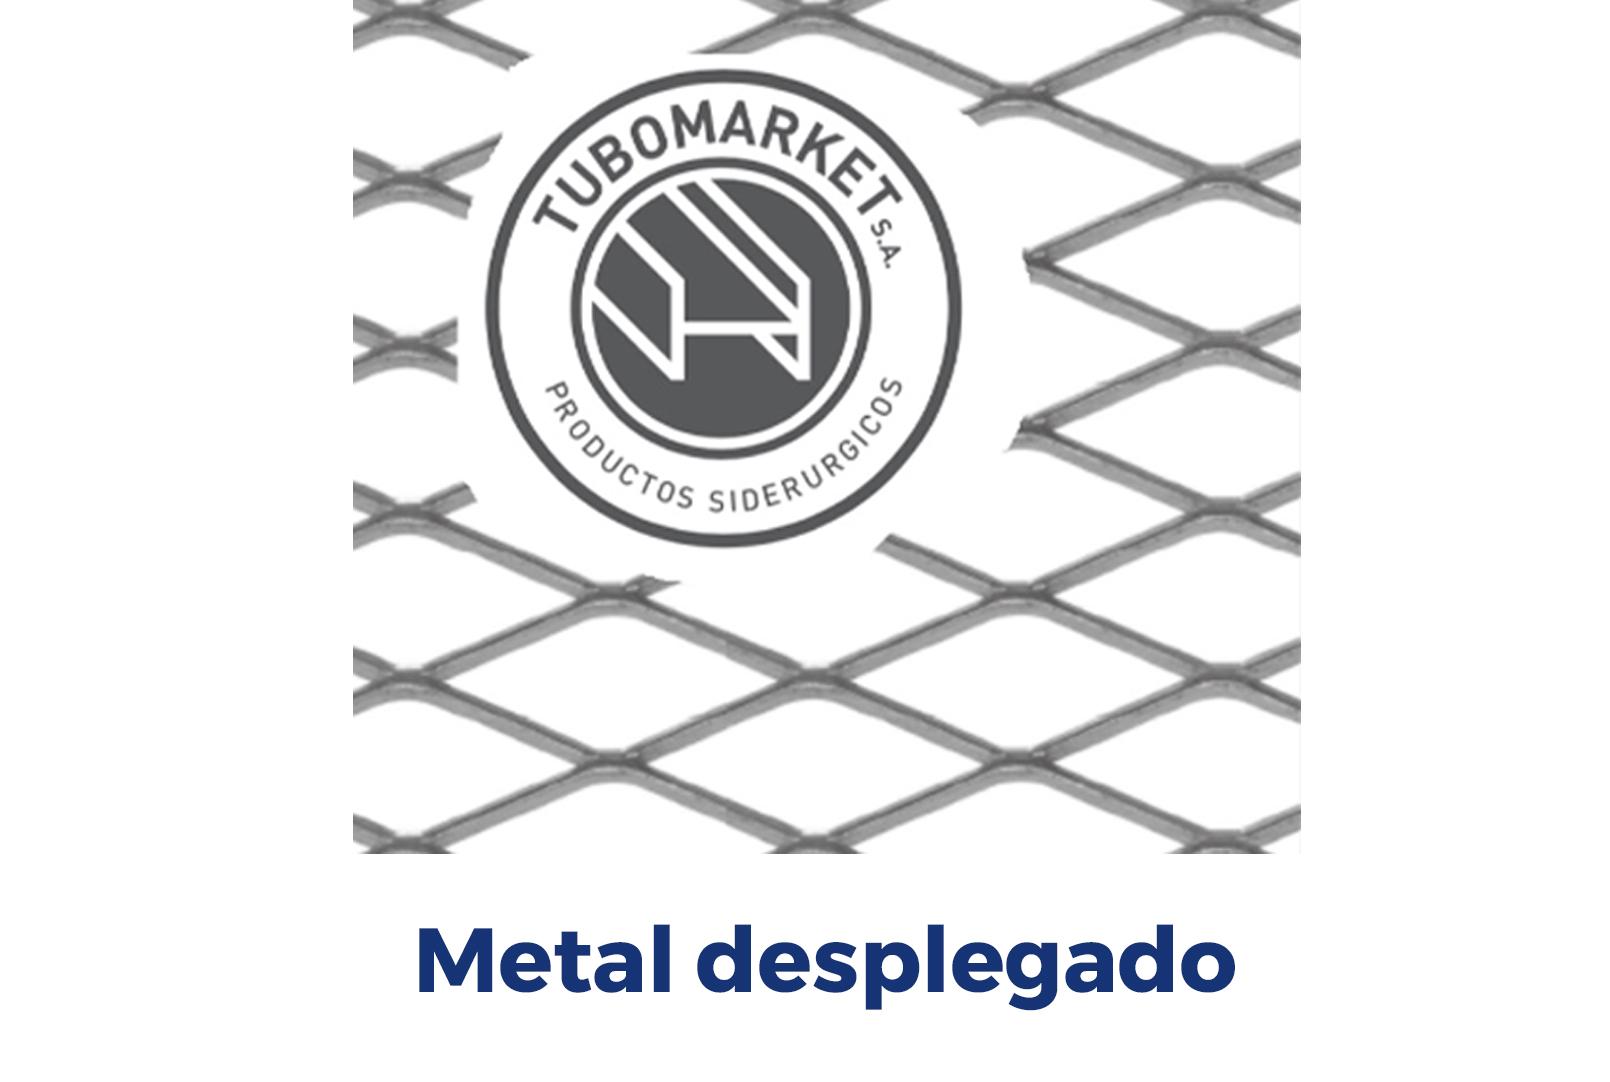 Metal desplegado